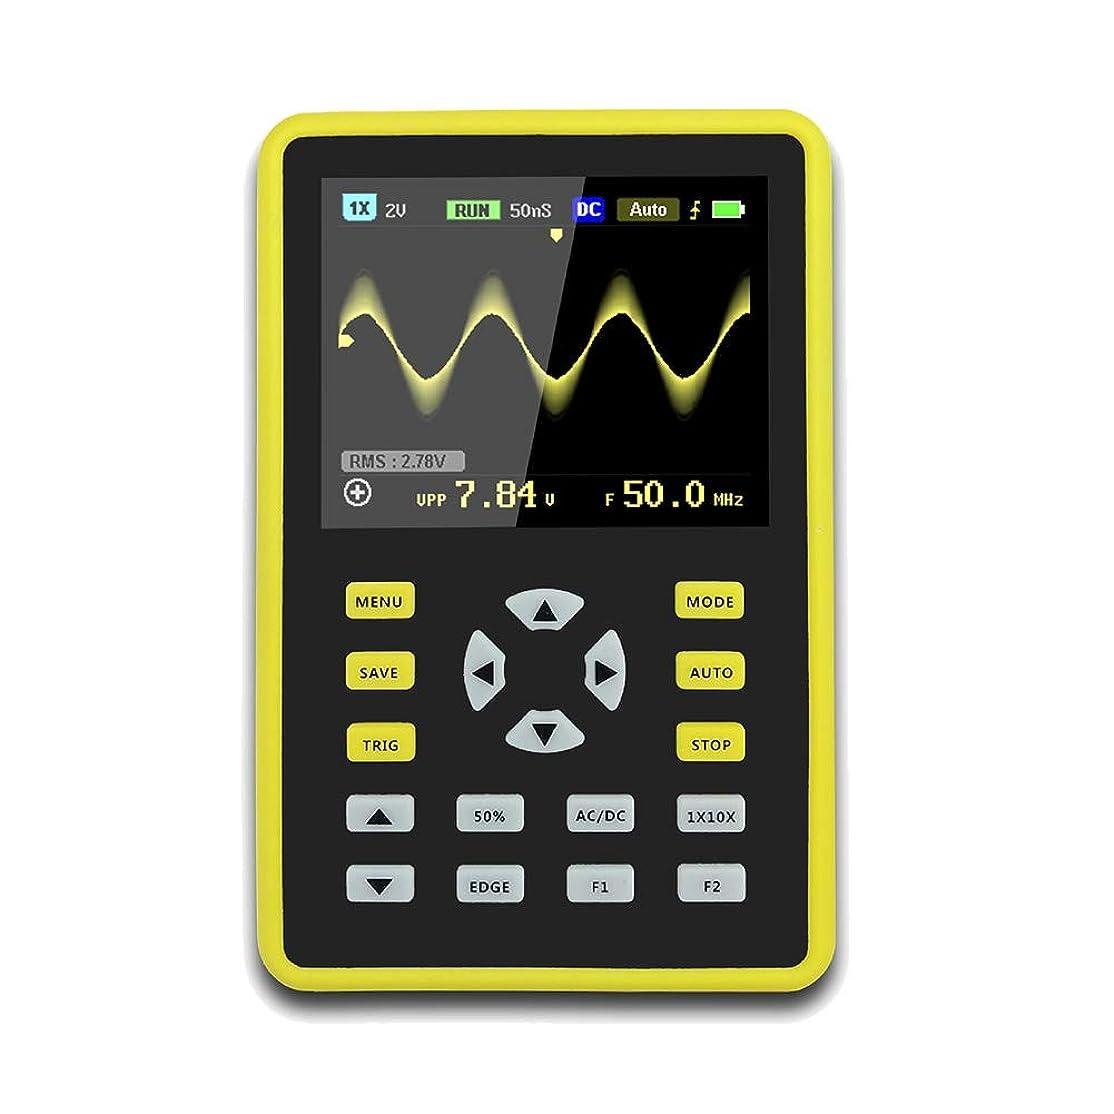 相互接続香ばしいインフラProfeel 手持ち型デジタル小型オシロスコープ2.4インチ500 MS/s IPS LCD表示スクリーンの携帯用